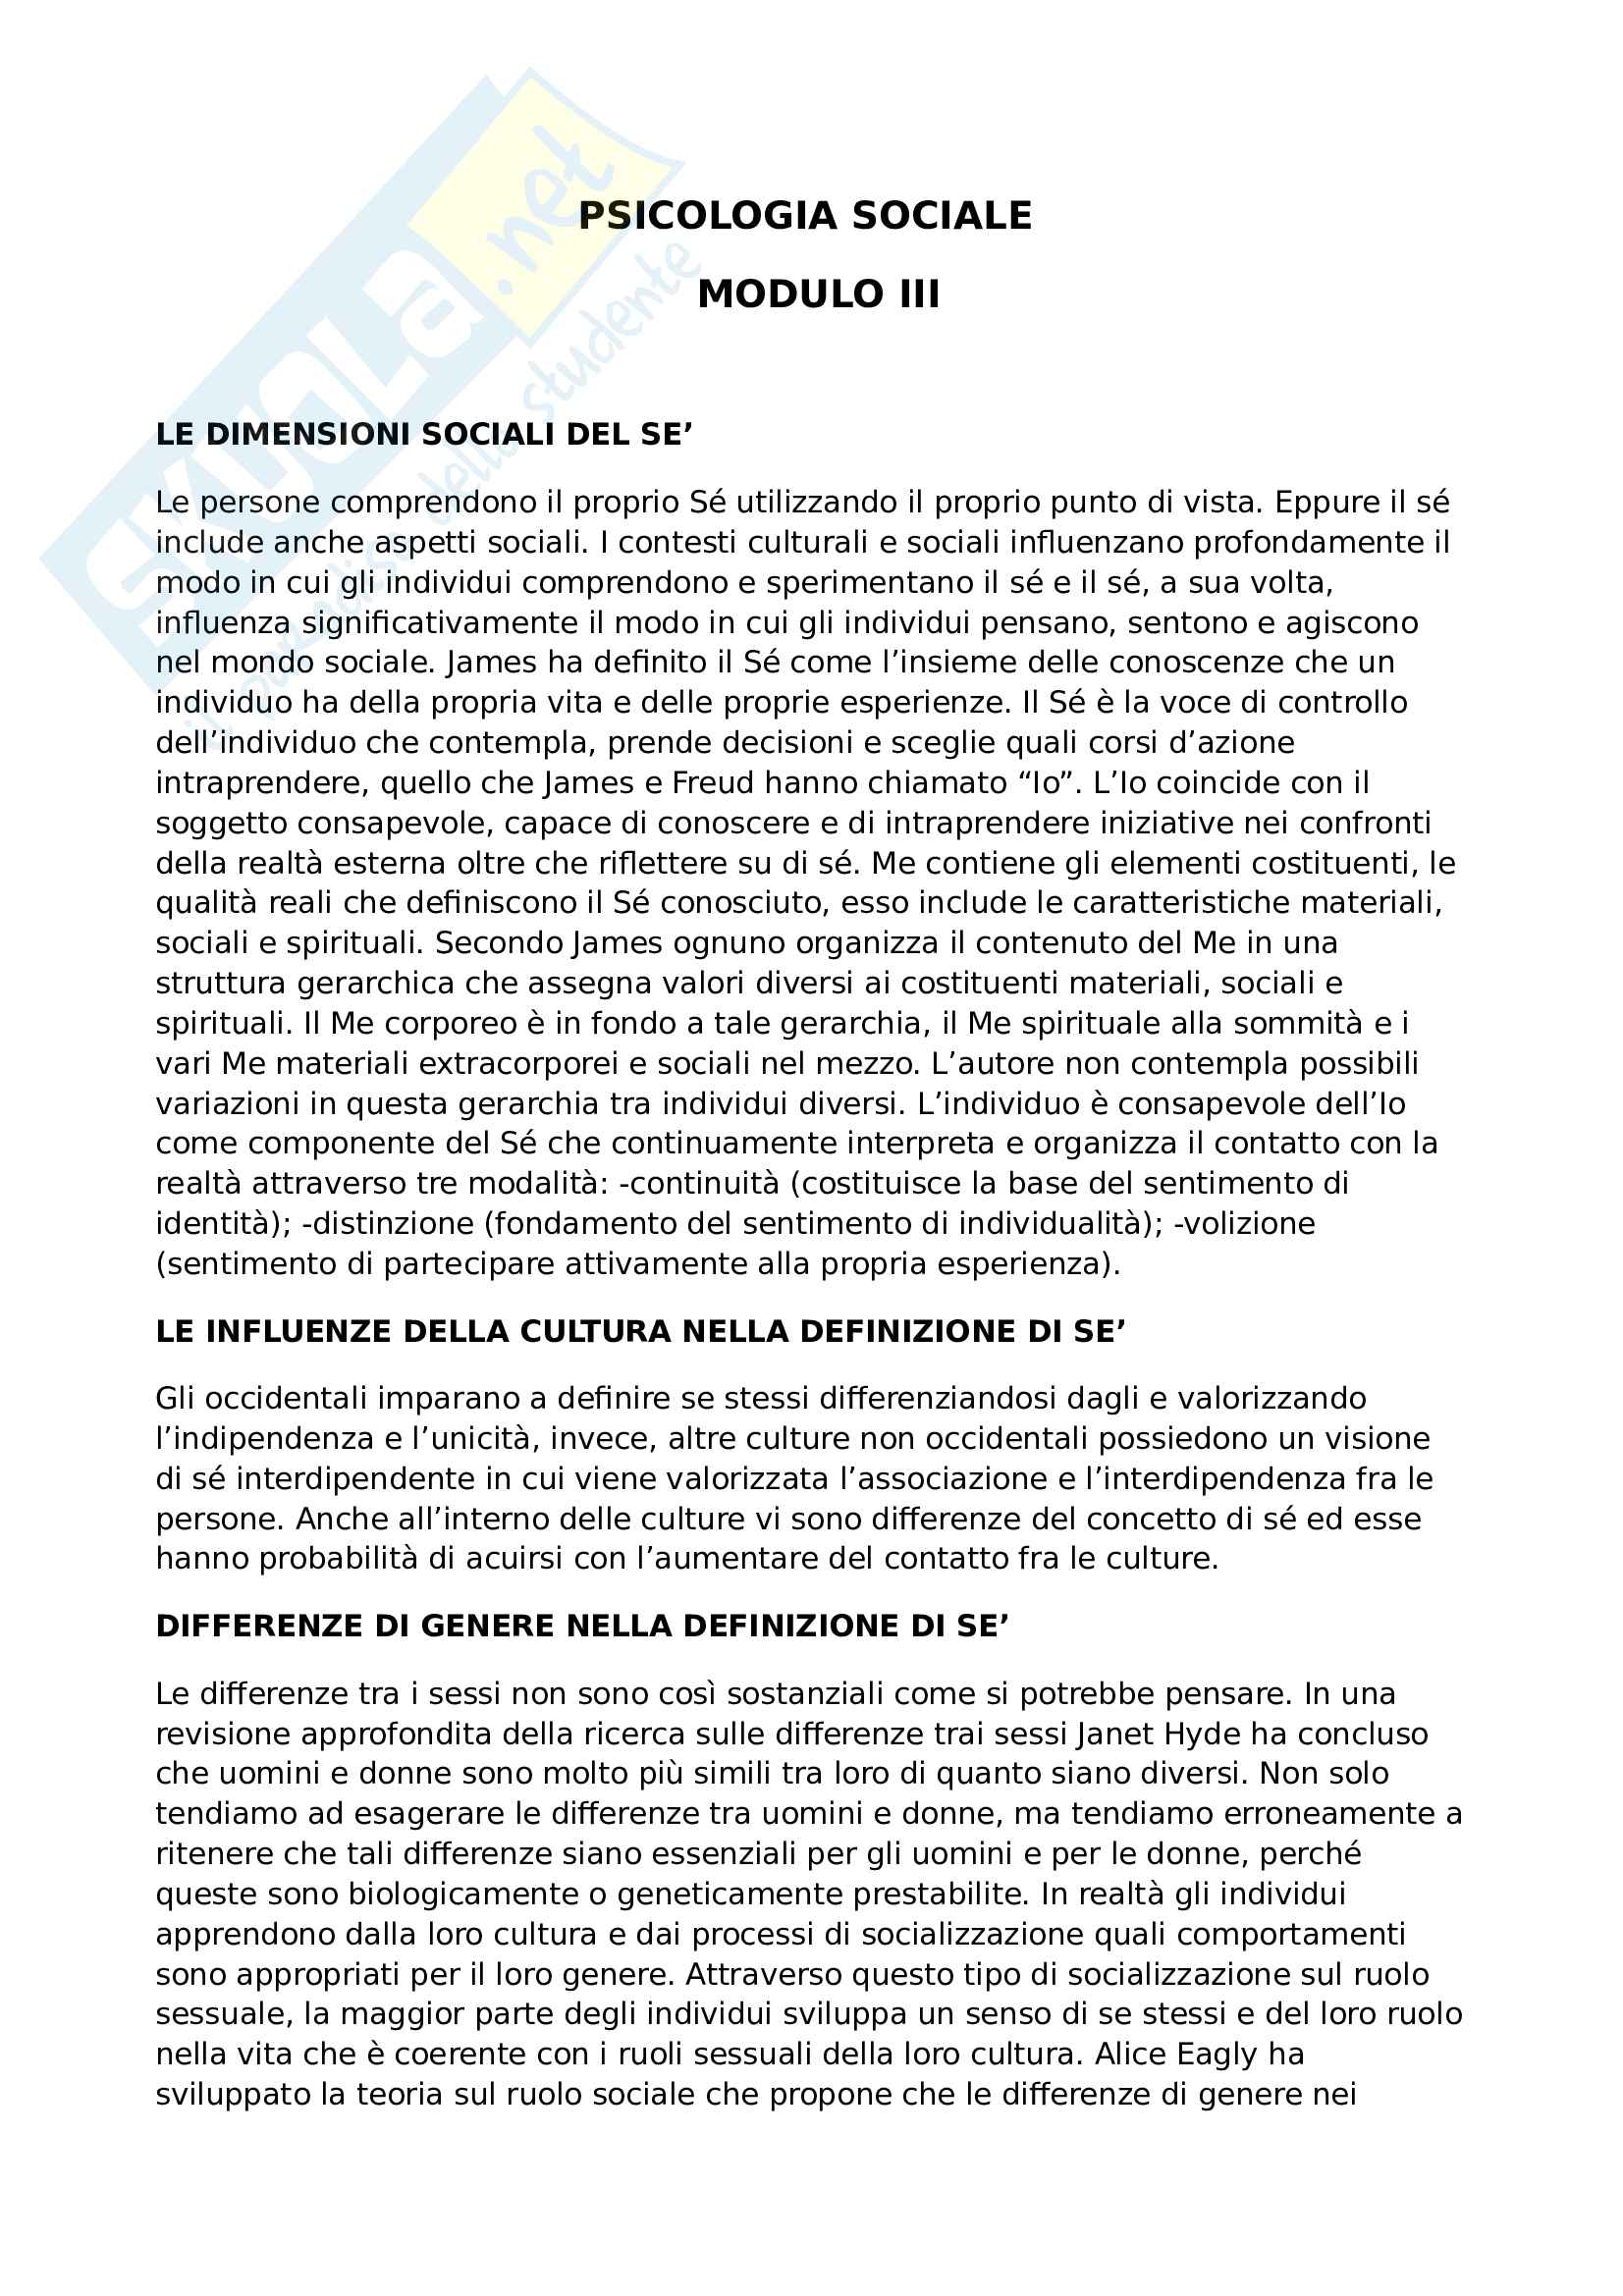 Psicologia sociale, Prof. Renato Pisanti. modulo terzo